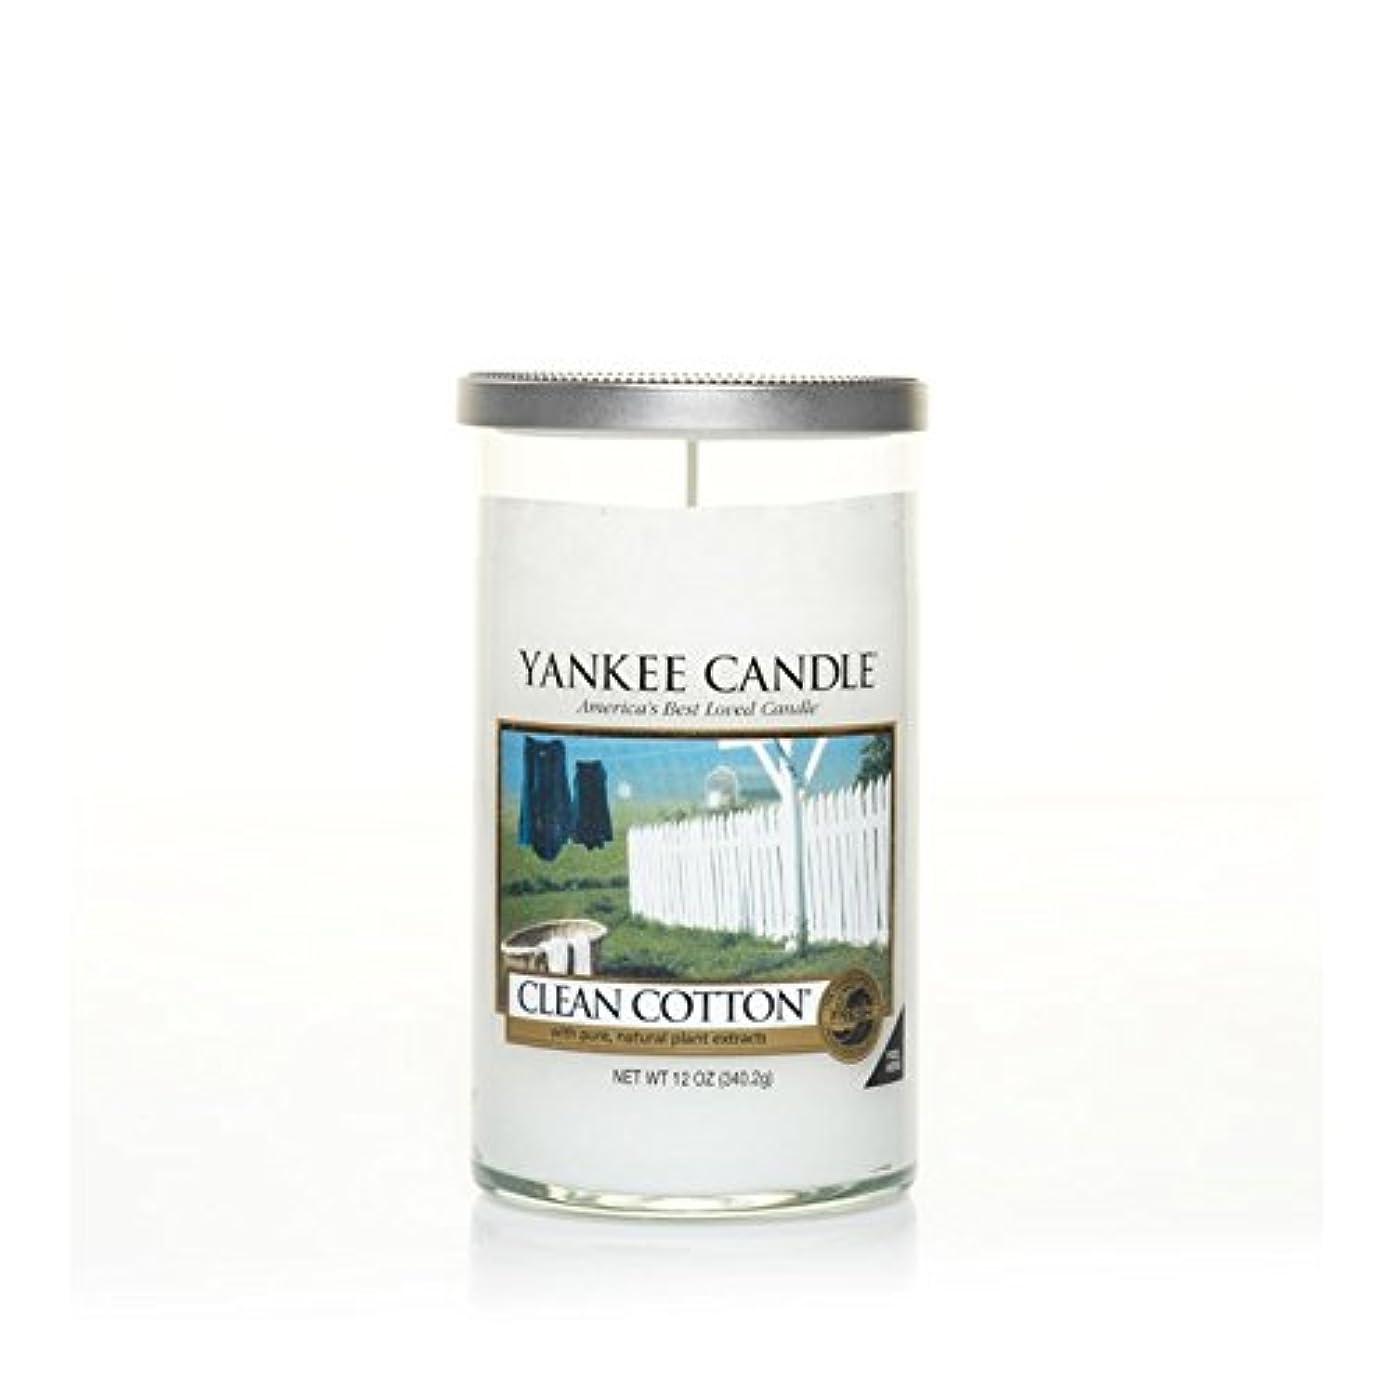 大人寄託刃ヤンキーキャンドルメディアピラーキャンドル - きれいな綿 - Yankee Candles Medium Pillar Candle - Clean Cotton (Yankee Candles) [並行輸入品]